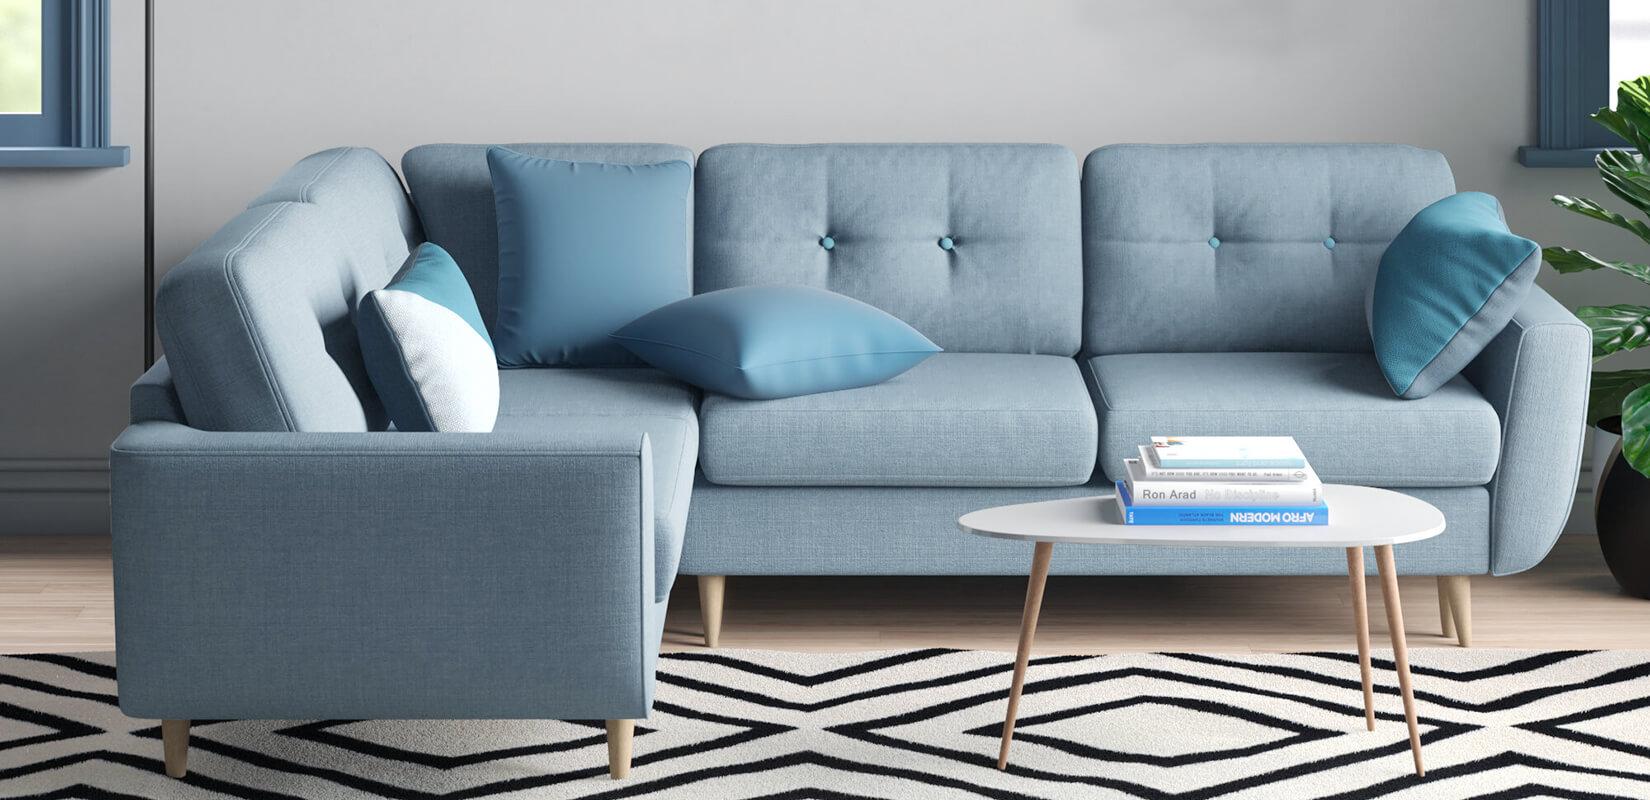 Chọn mua ghế sofa thoải mái và sang trọng cho gia đình